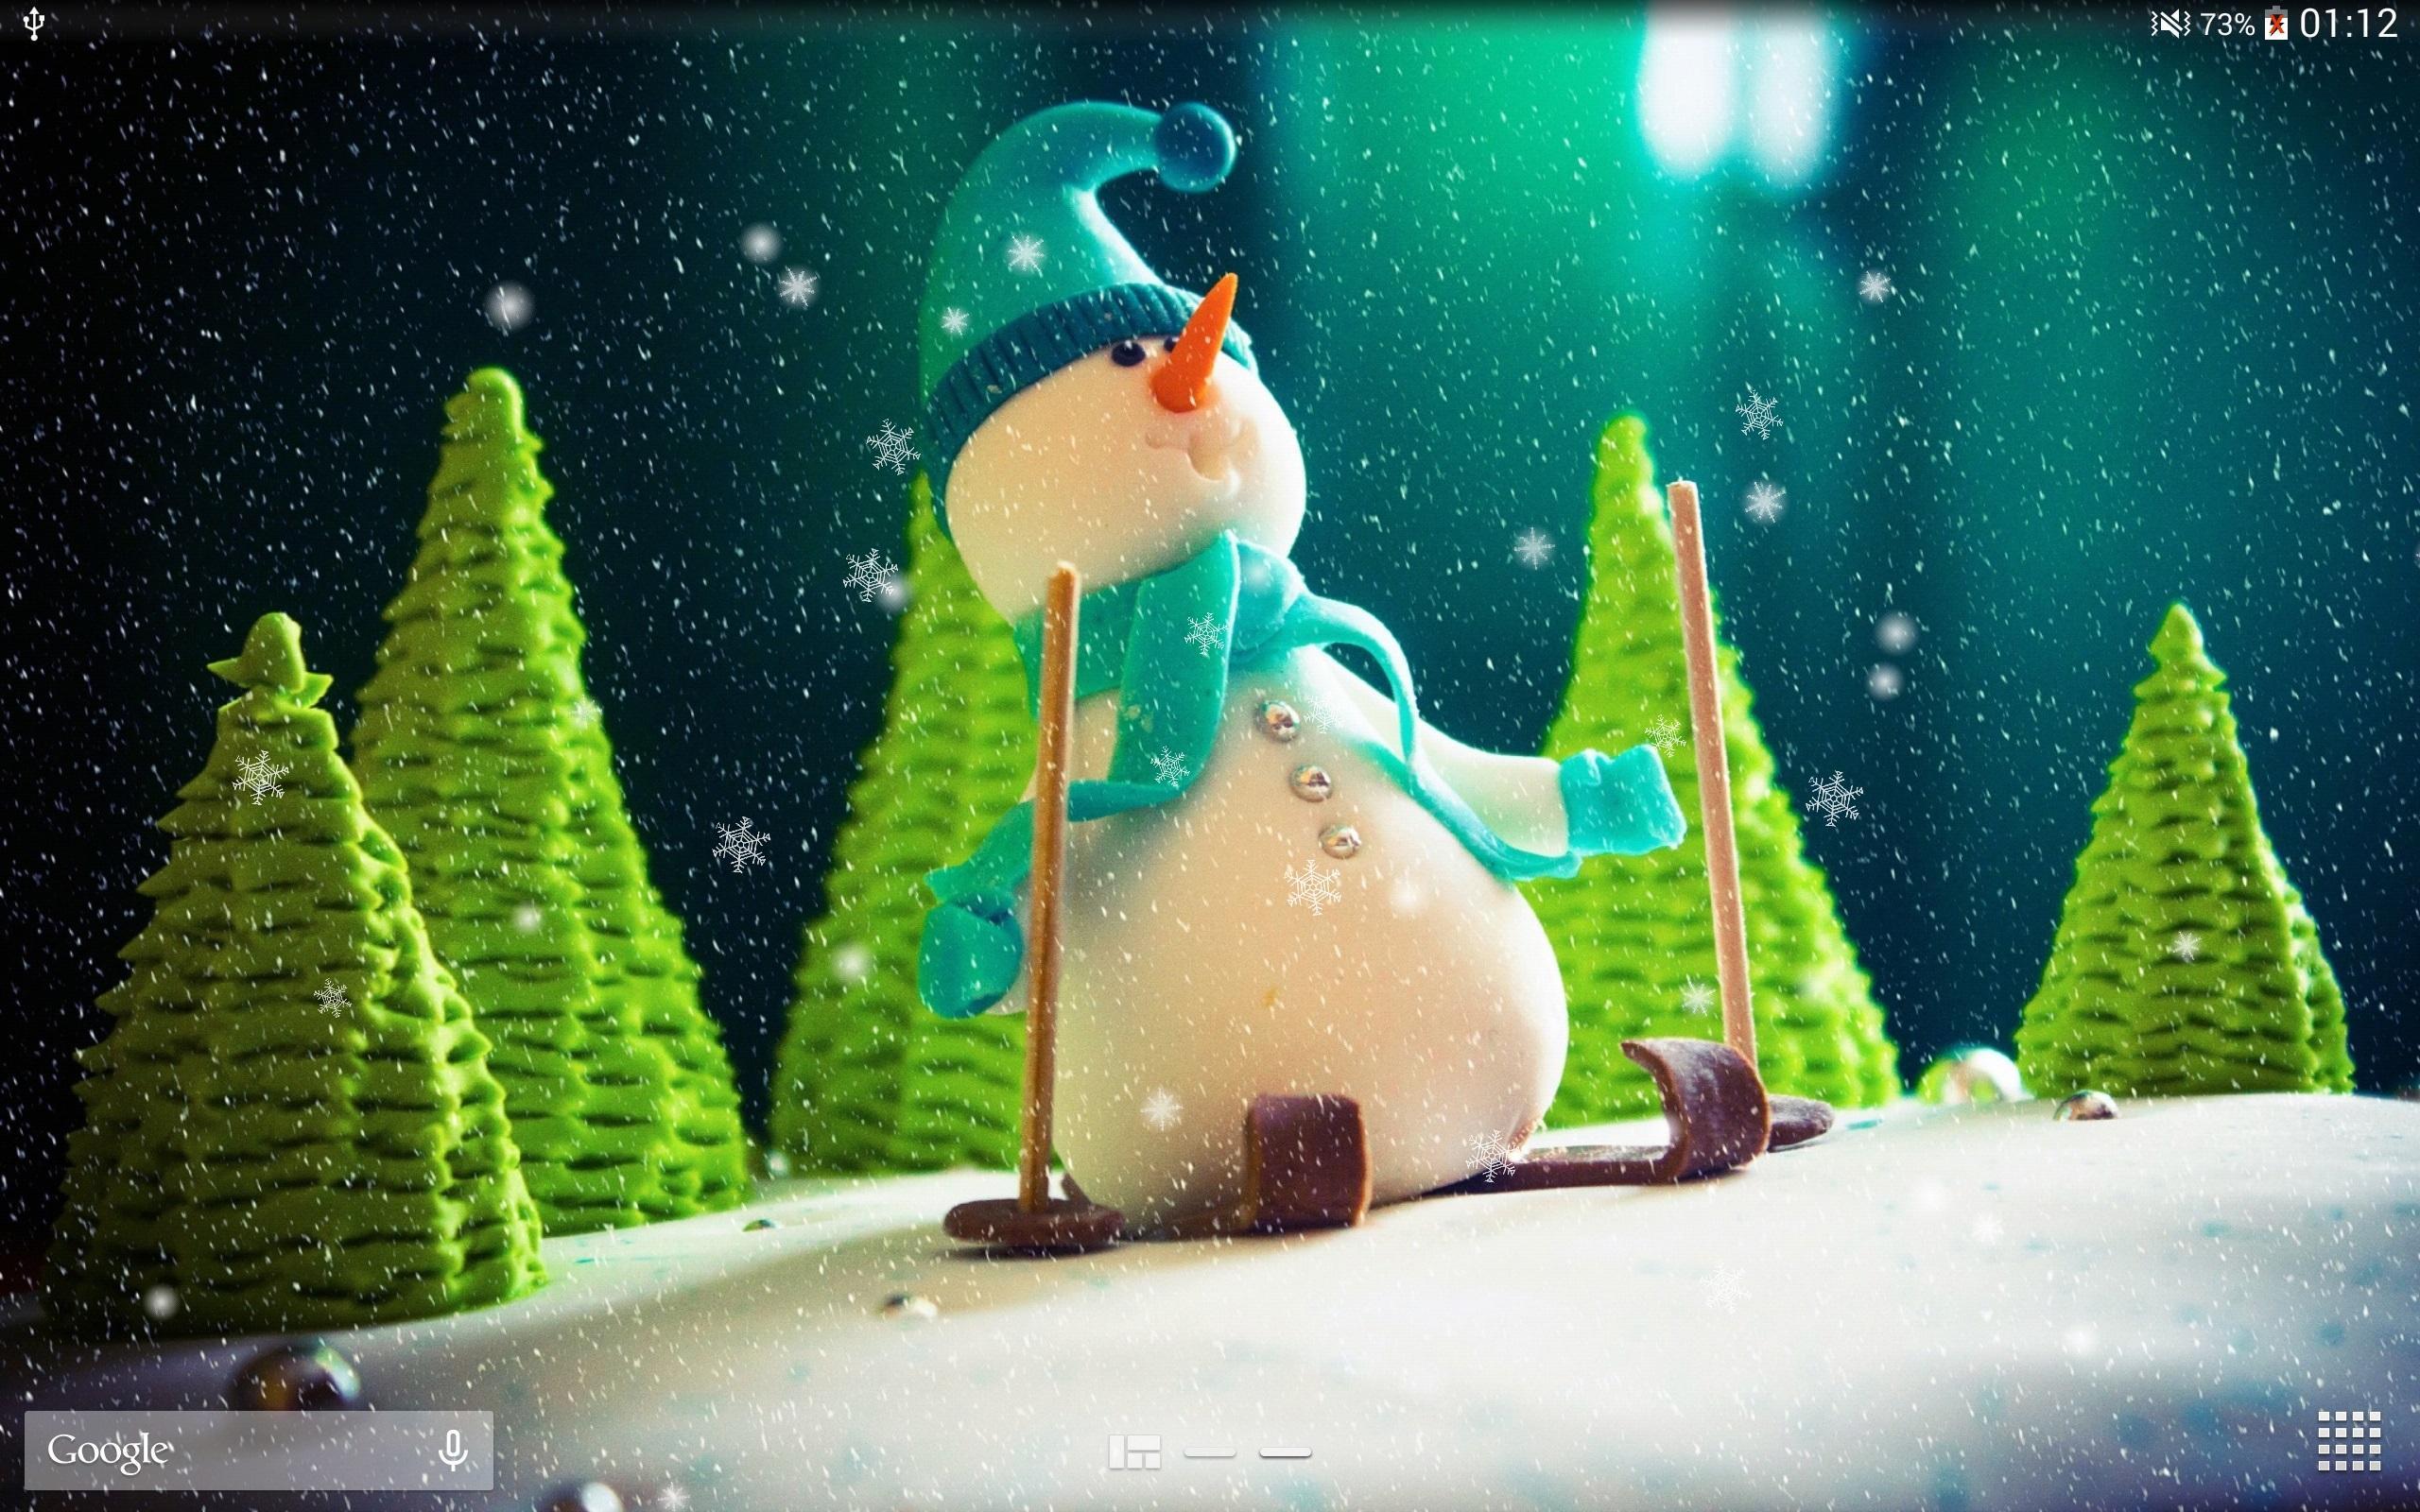 Live Wallpaper Weihnachten.Weihnachten Live Wallpaper Hd Fur Android Apk Herunterladen